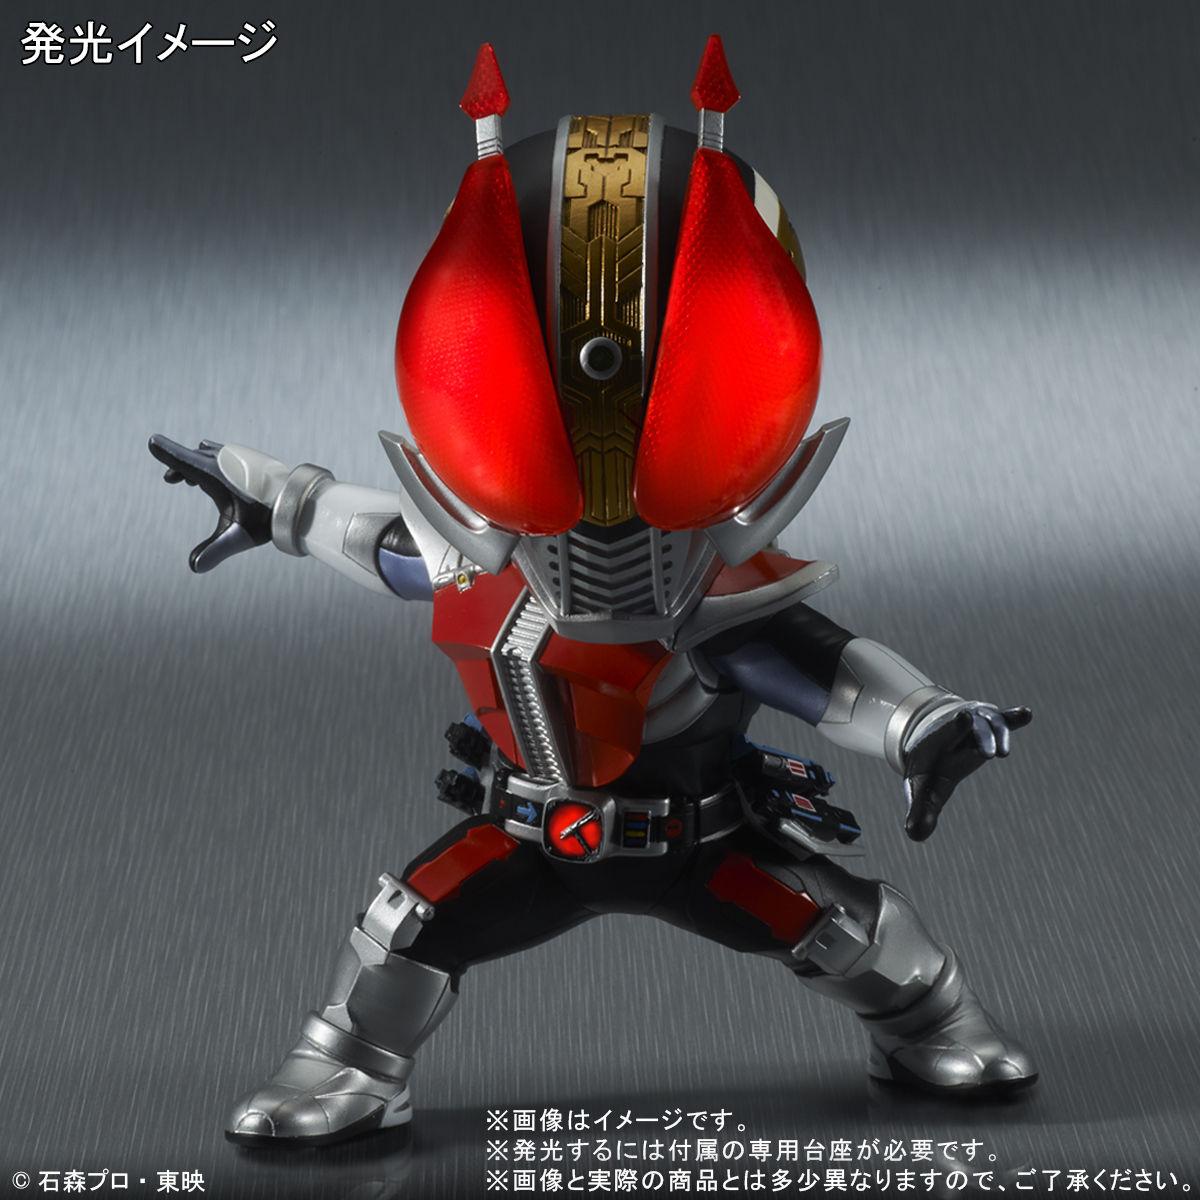 【限定販売】デフォリアル『仮面ライダー電王 ソードフォーム』完成品フィギュア-008